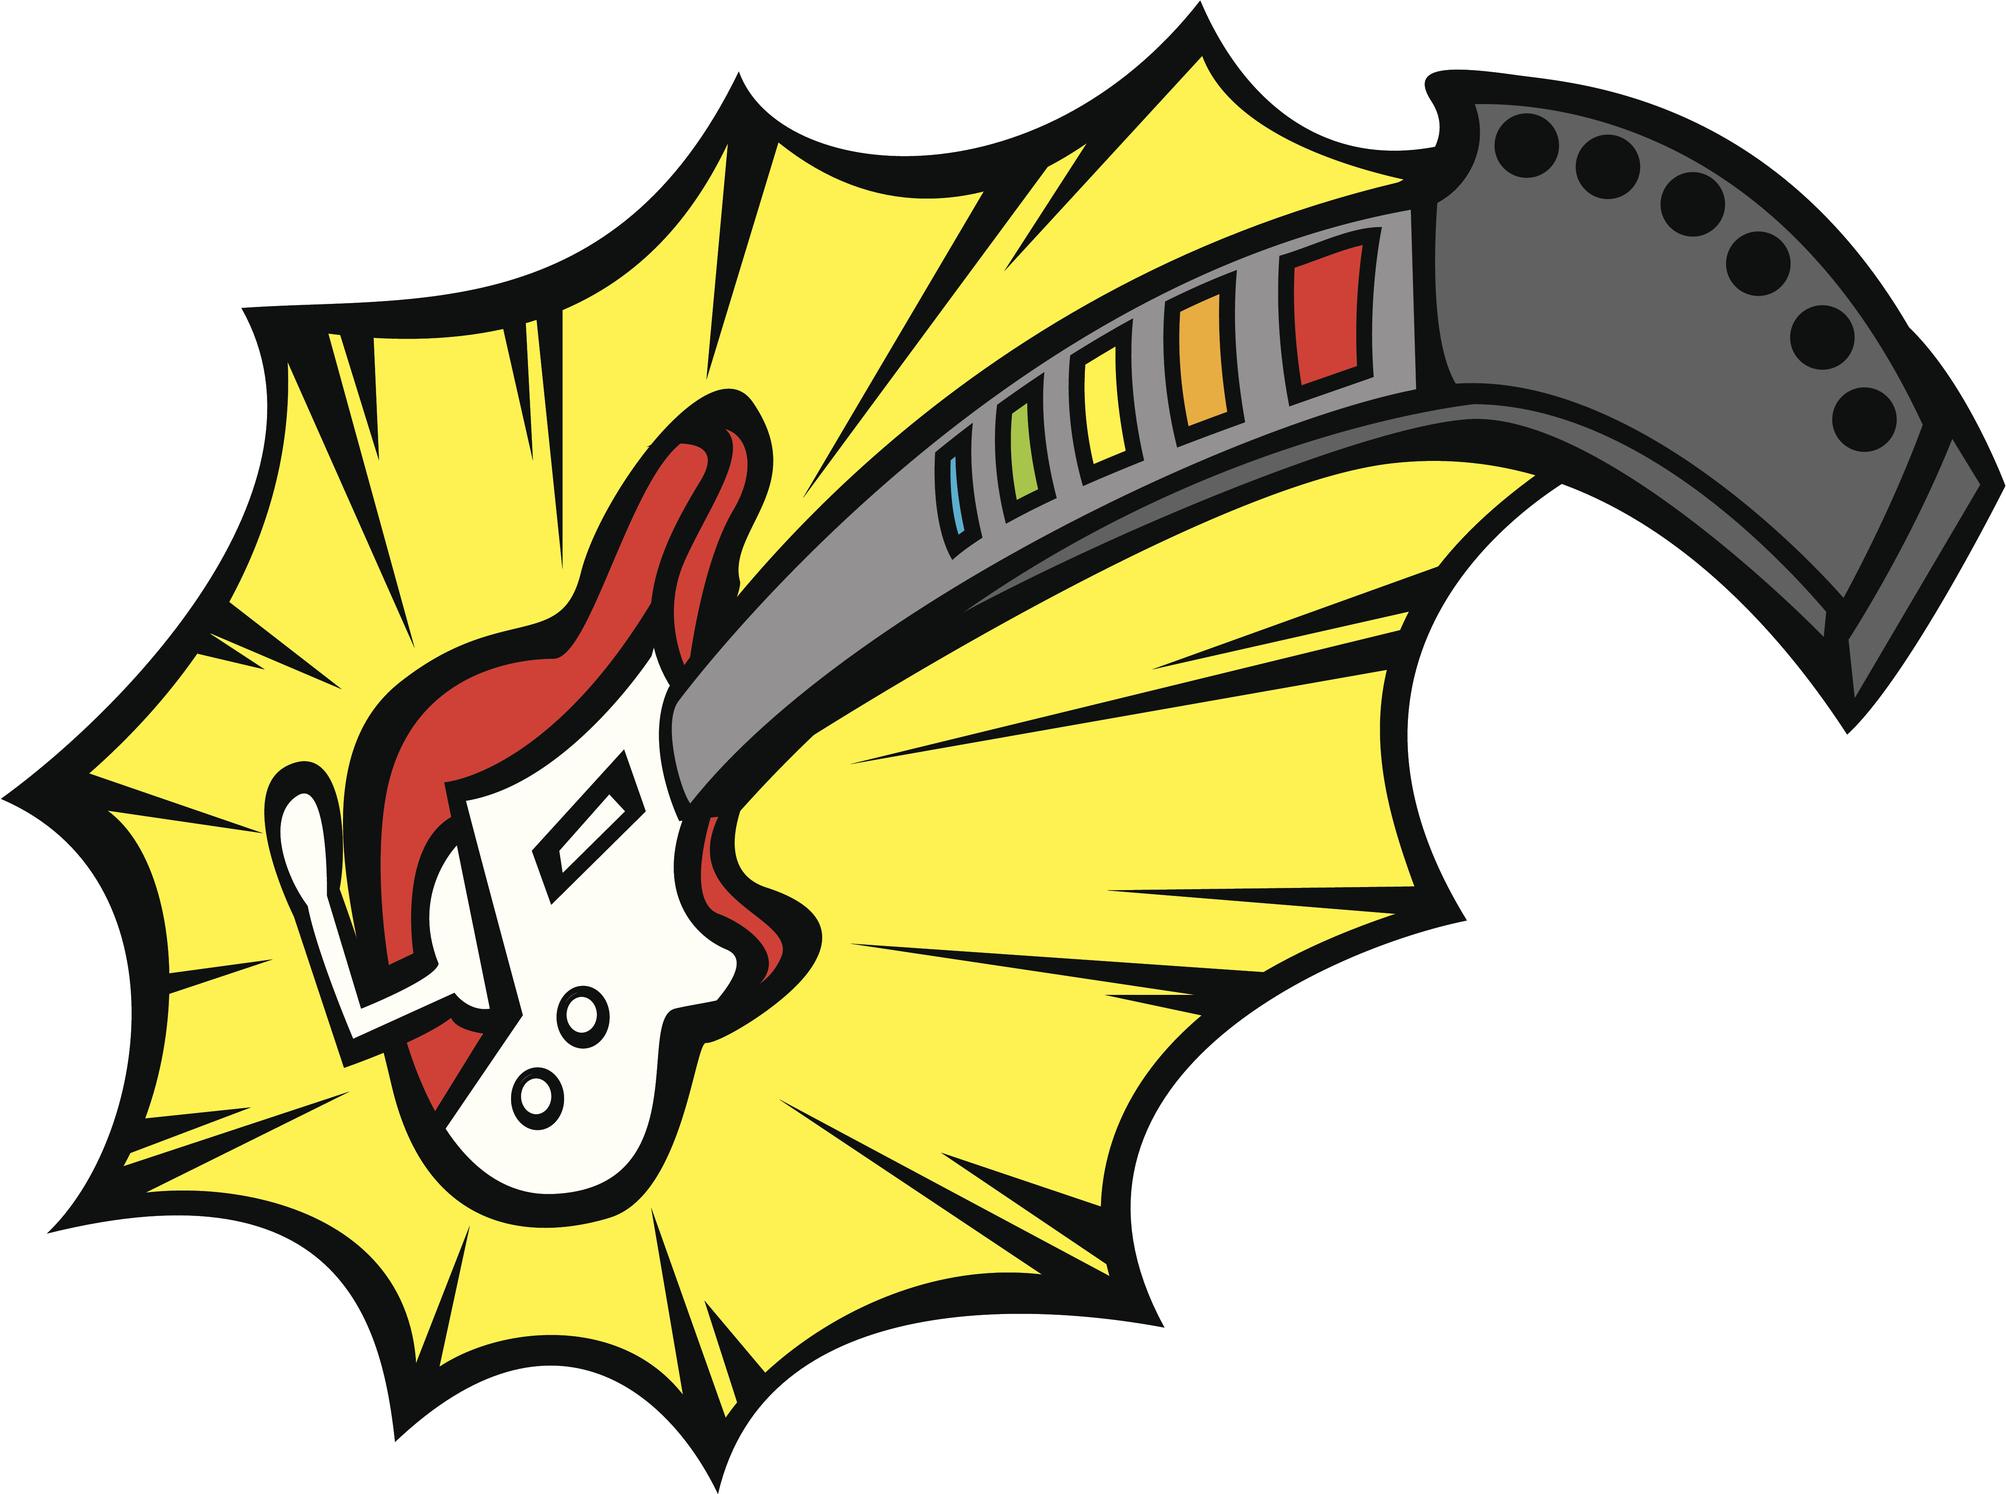 Spel – ett interaktivt medium, även när det gäller musik